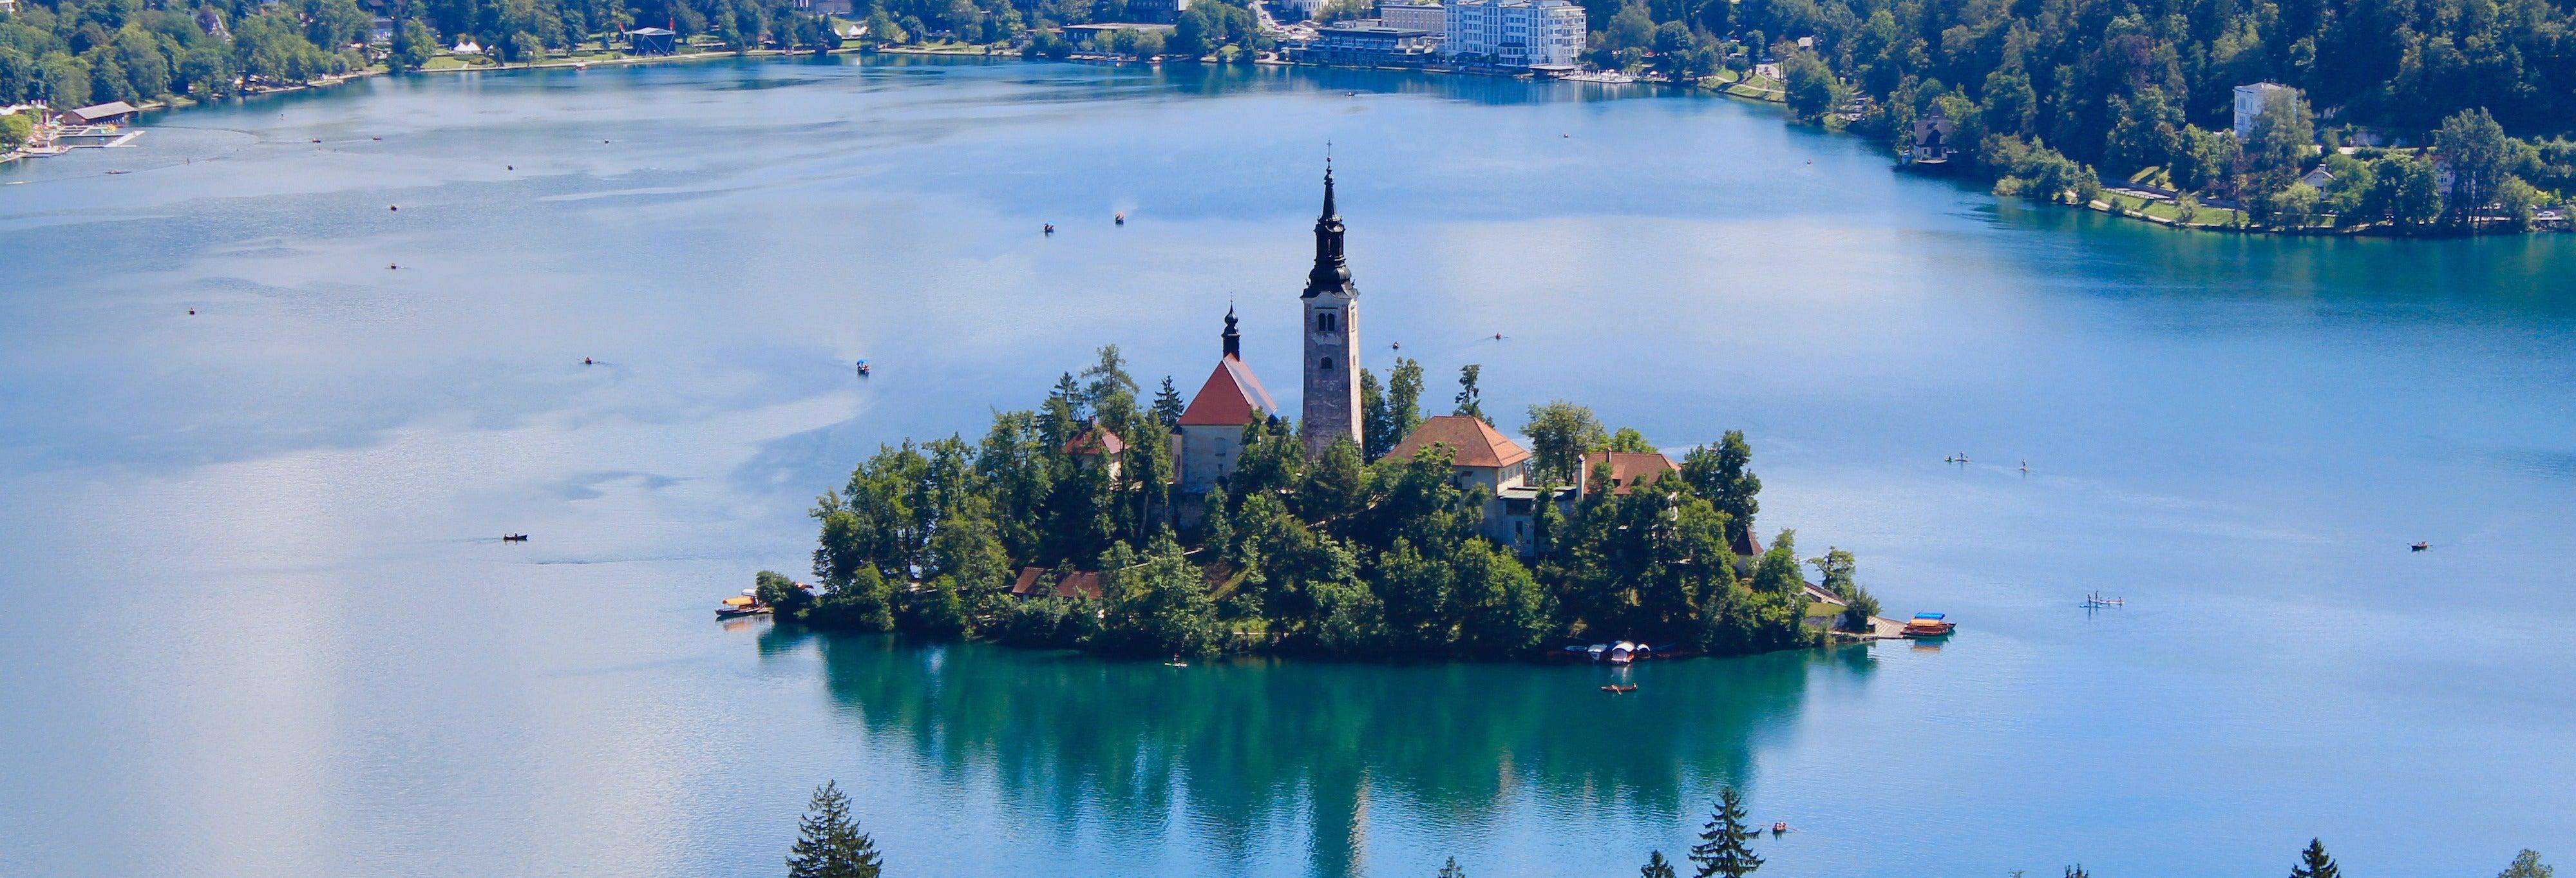 Visita guiada por Bled